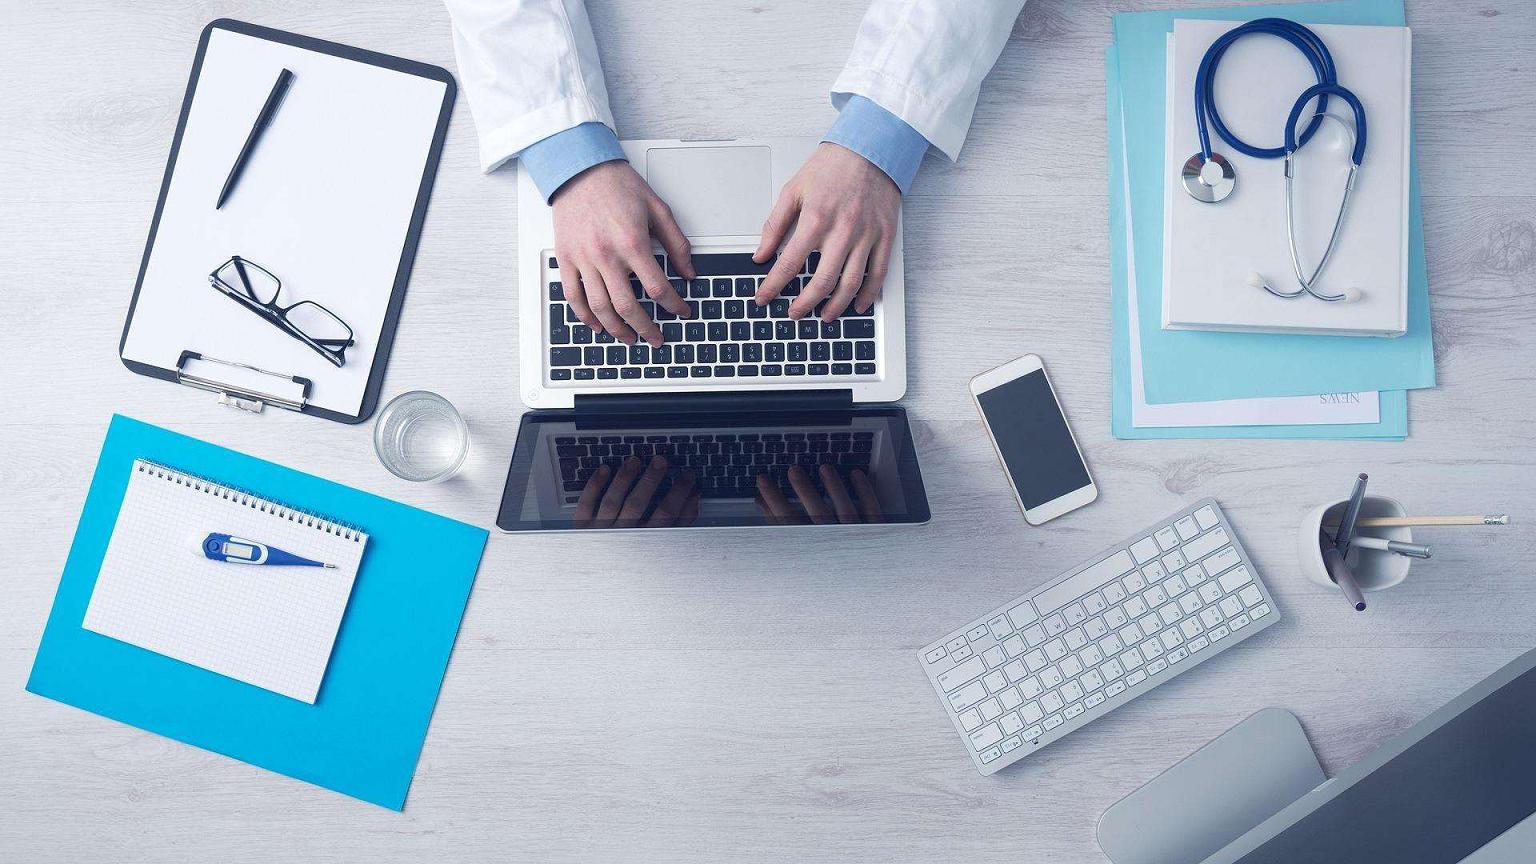 京东健康也上市了,但互联网医疗的路仍然很长